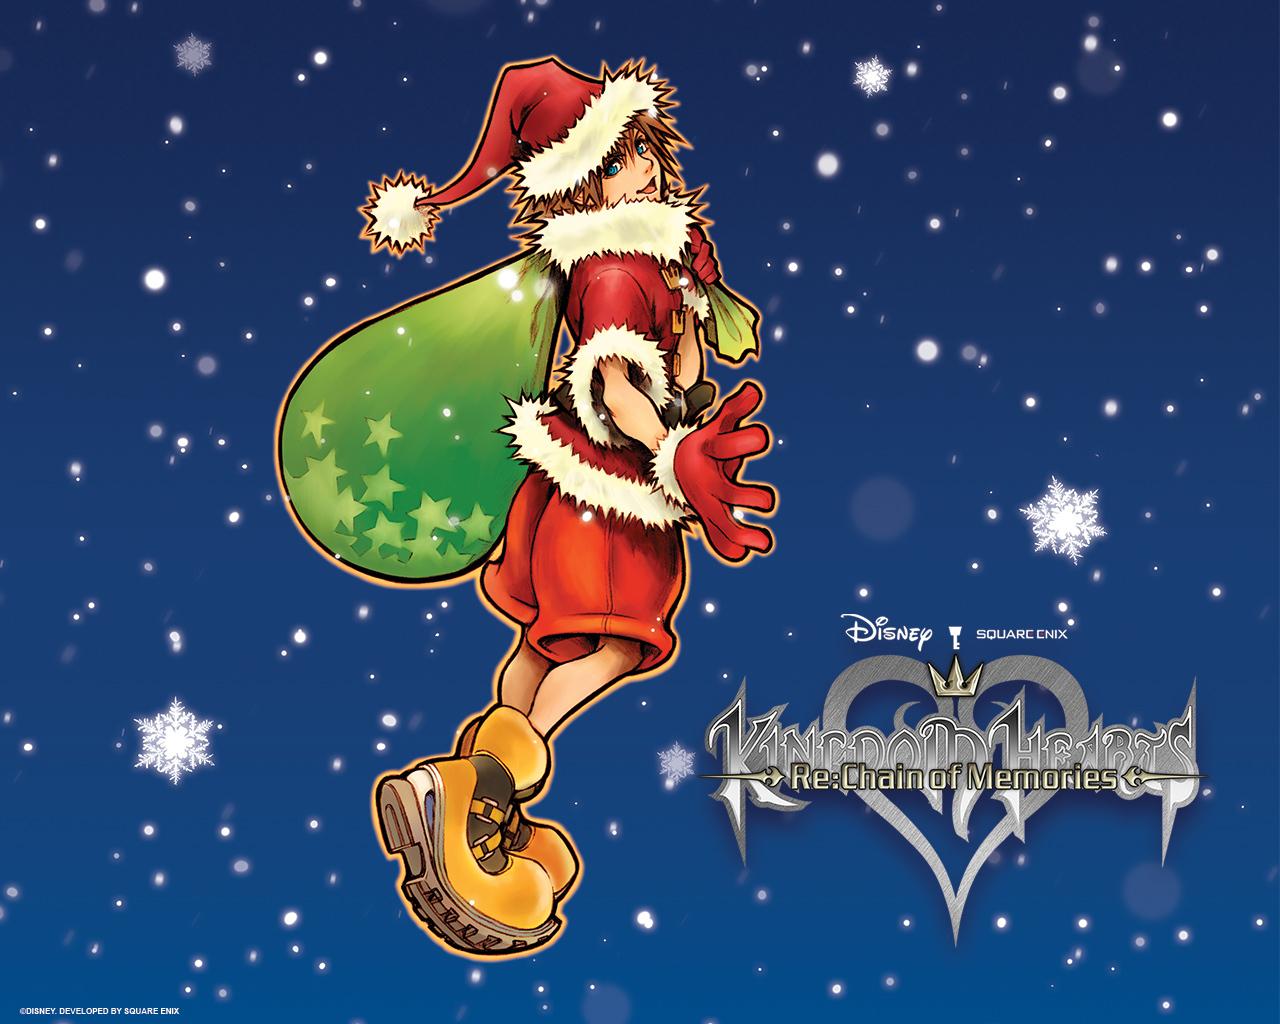 Official Kingdom Hearts Wallpaper Kingdom Hearts Wallpaper